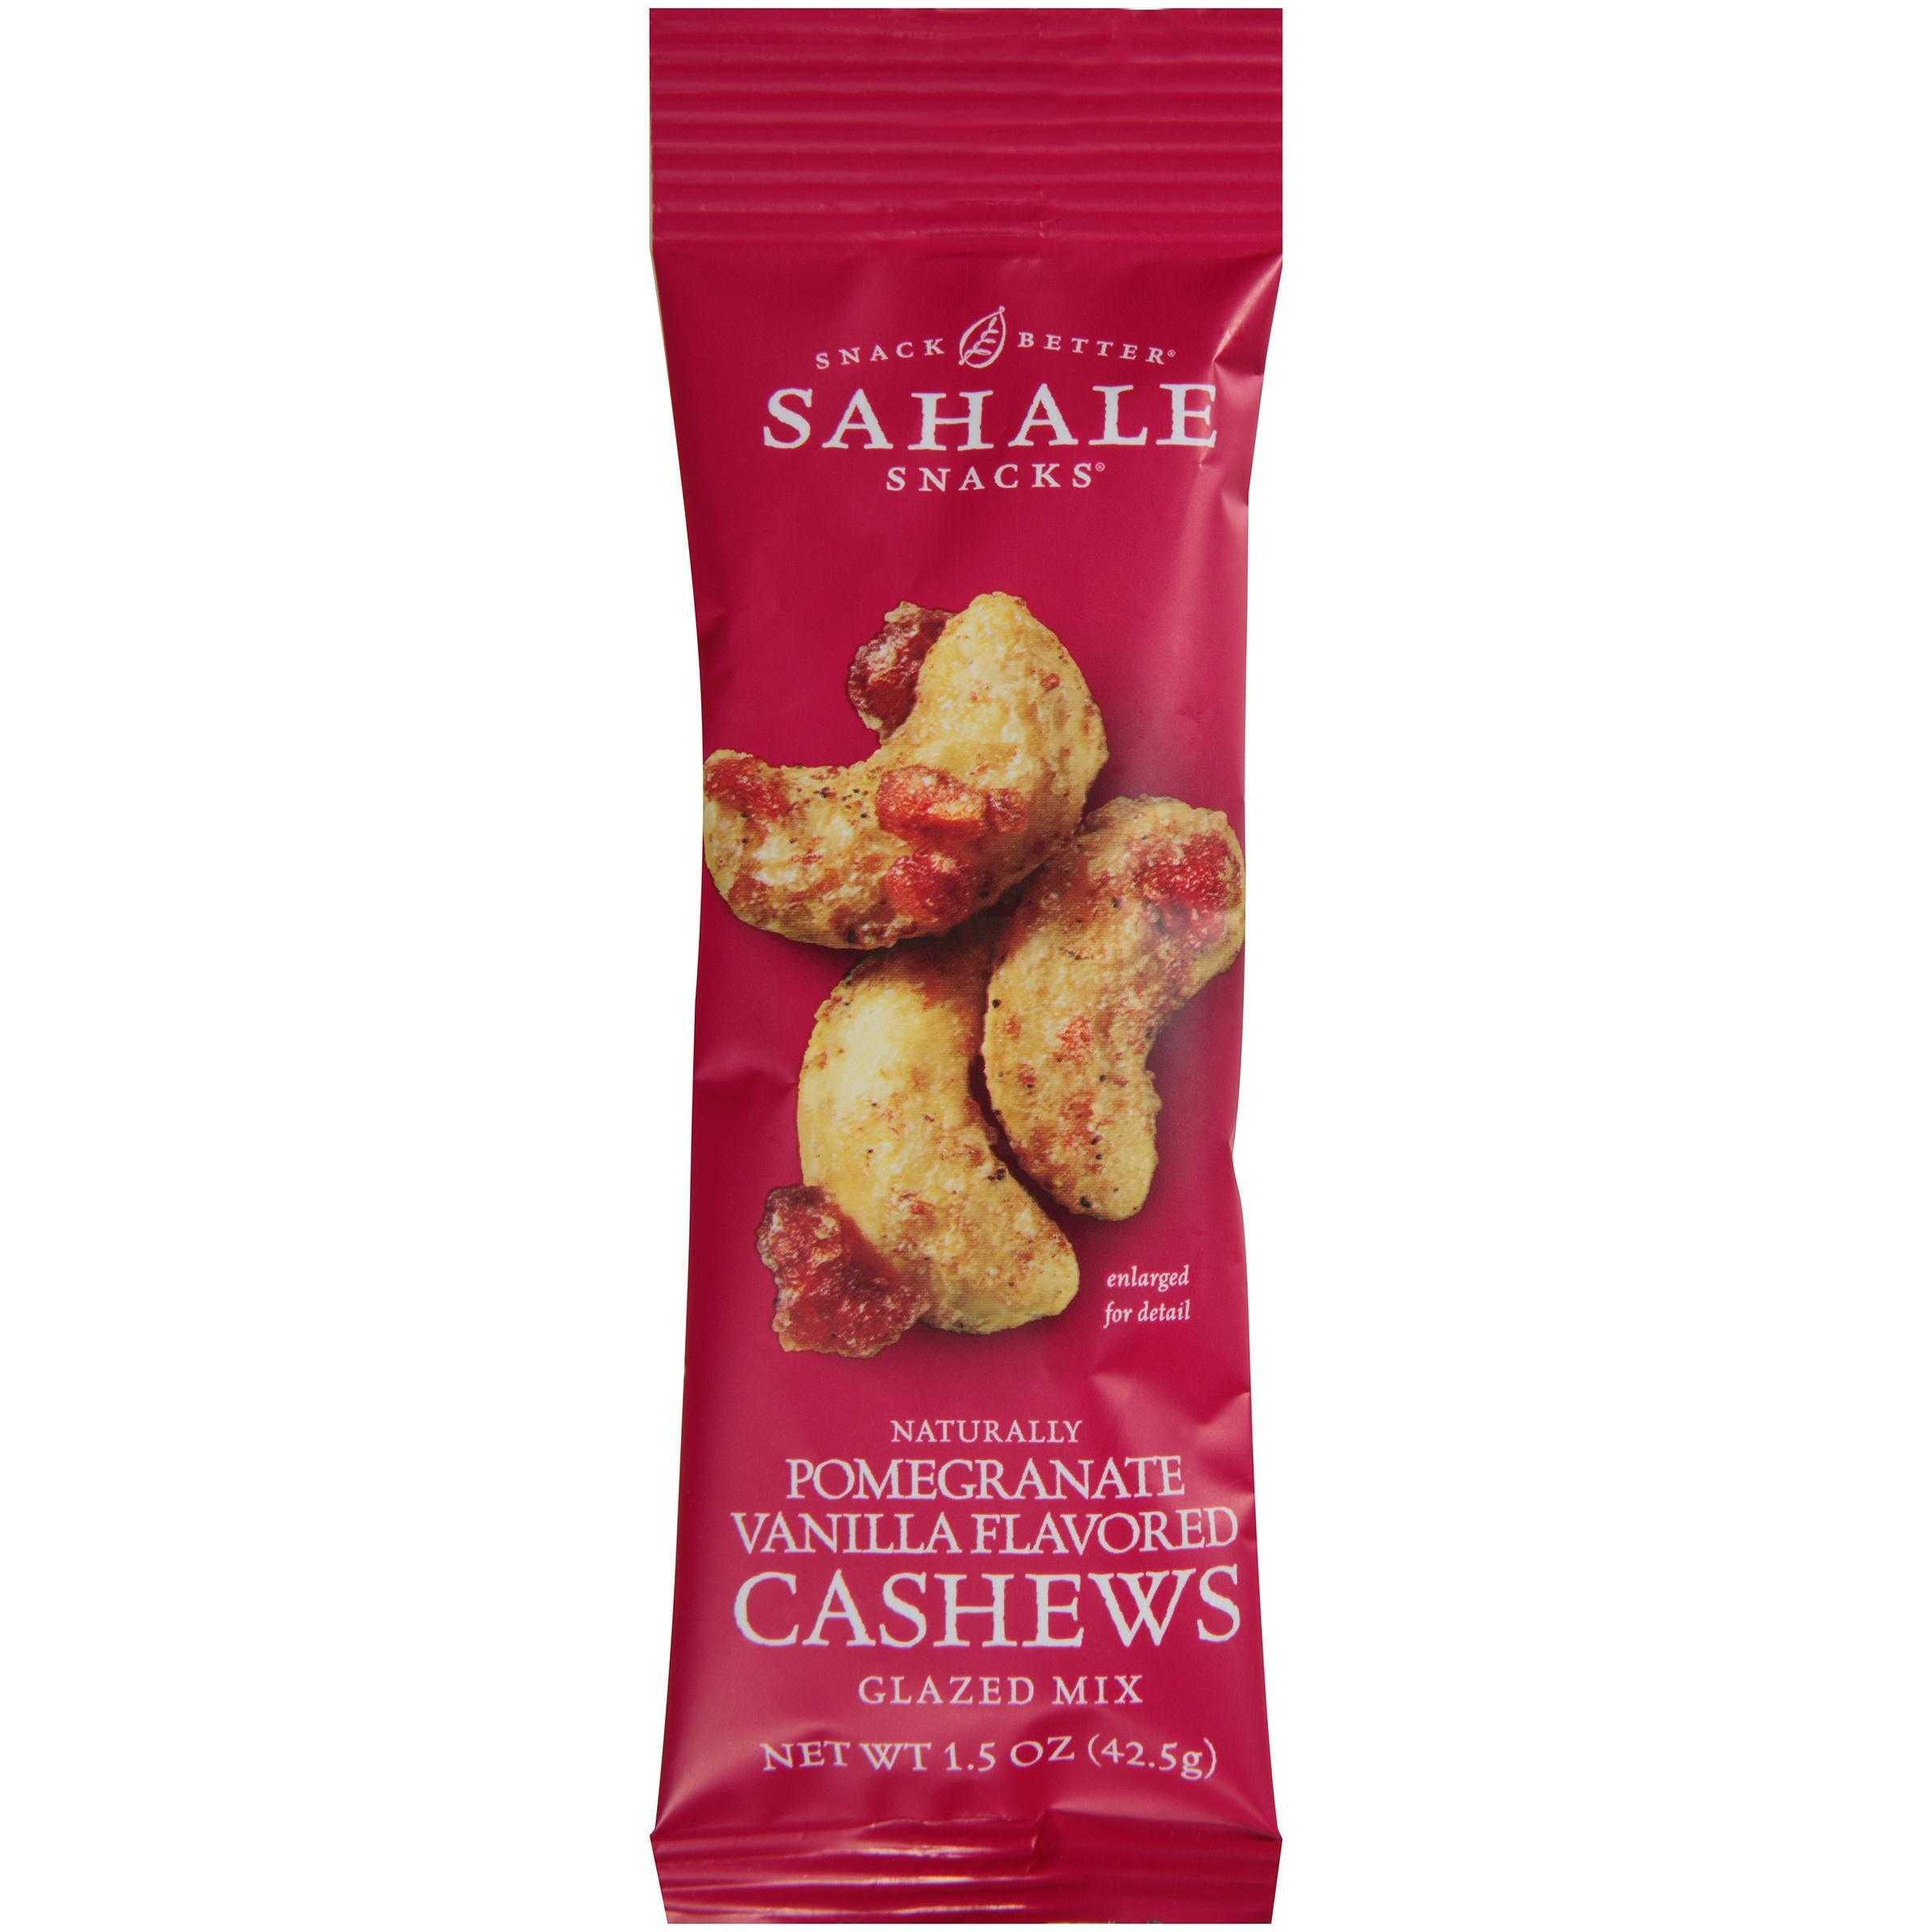 Sa 1 5 Oz Naturally Pomegranate Vanilla Flavored Cashews Glazed Mix